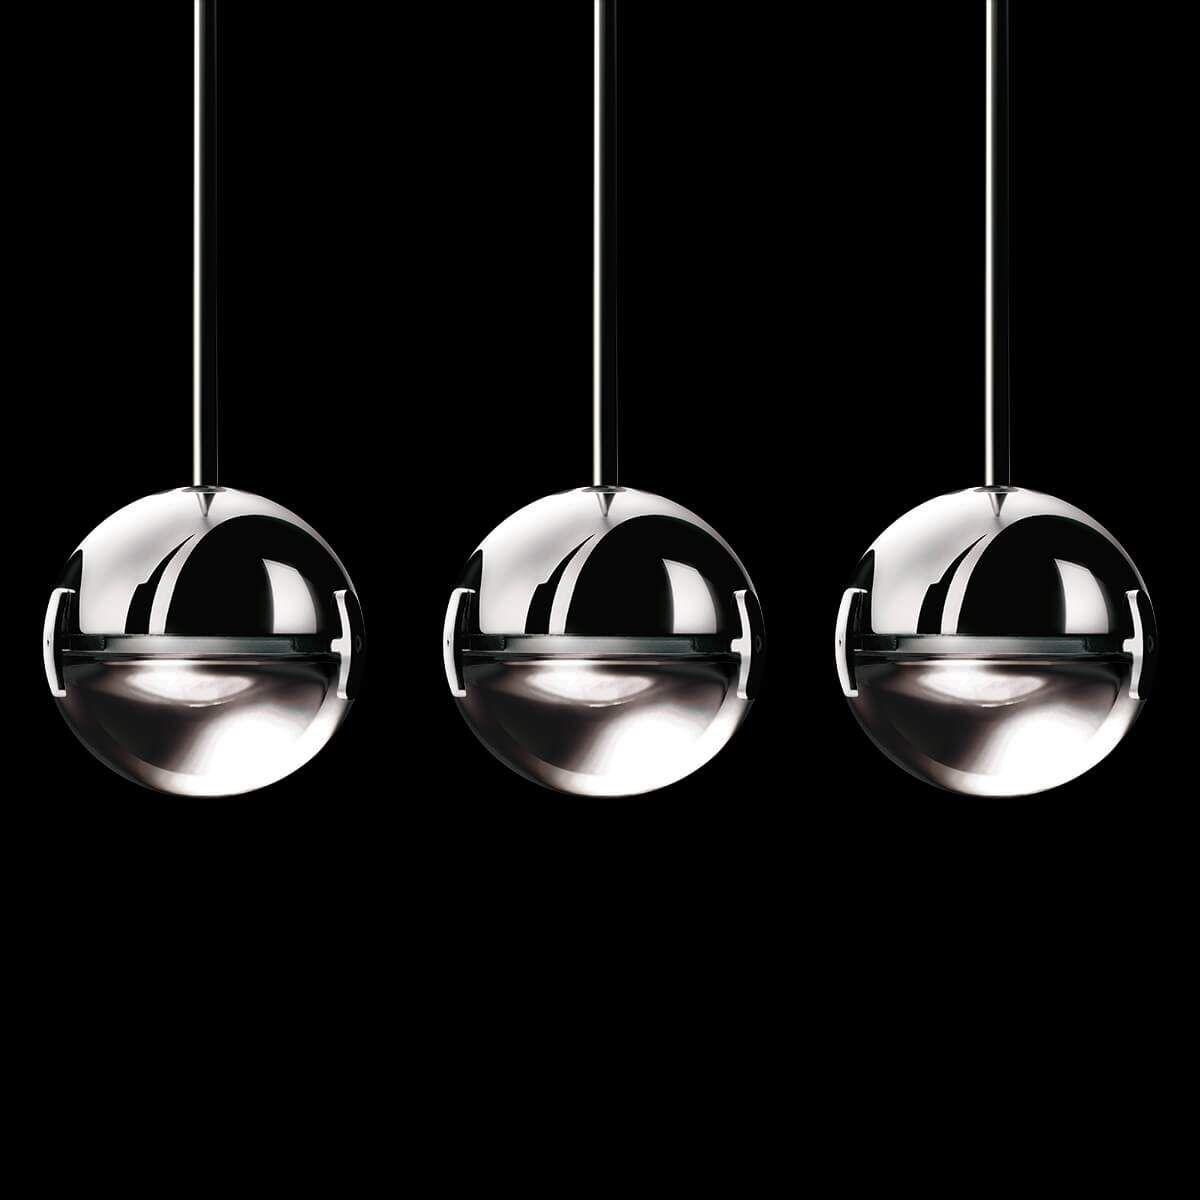 Suspension Led Design Convivio Transparente Lumieres Suspendus Led Lamp